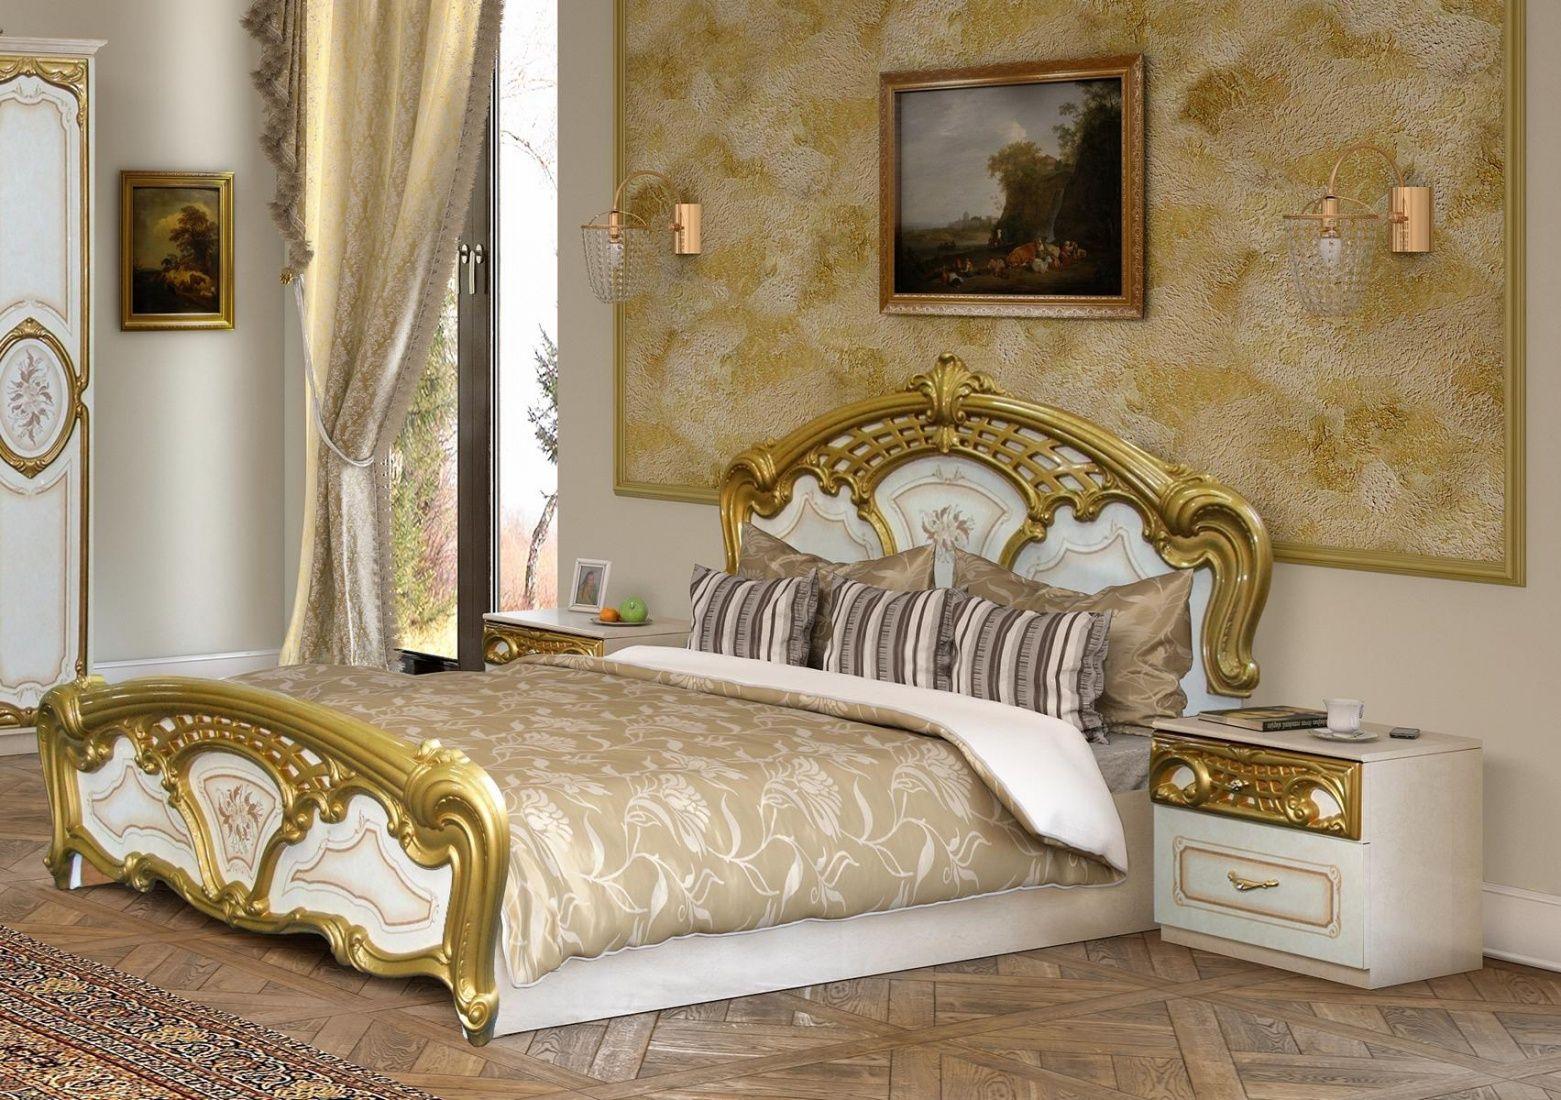 Full Size of Barock Bett 180x200 Schlafzimmerbett Gold 1 Mit Bettkasten 220 X 200 Massiv Betten überlänge Weiß Kaufen Bei Ikea Landhaus Schubladen Wohnzimmer Barock Bett 180x200